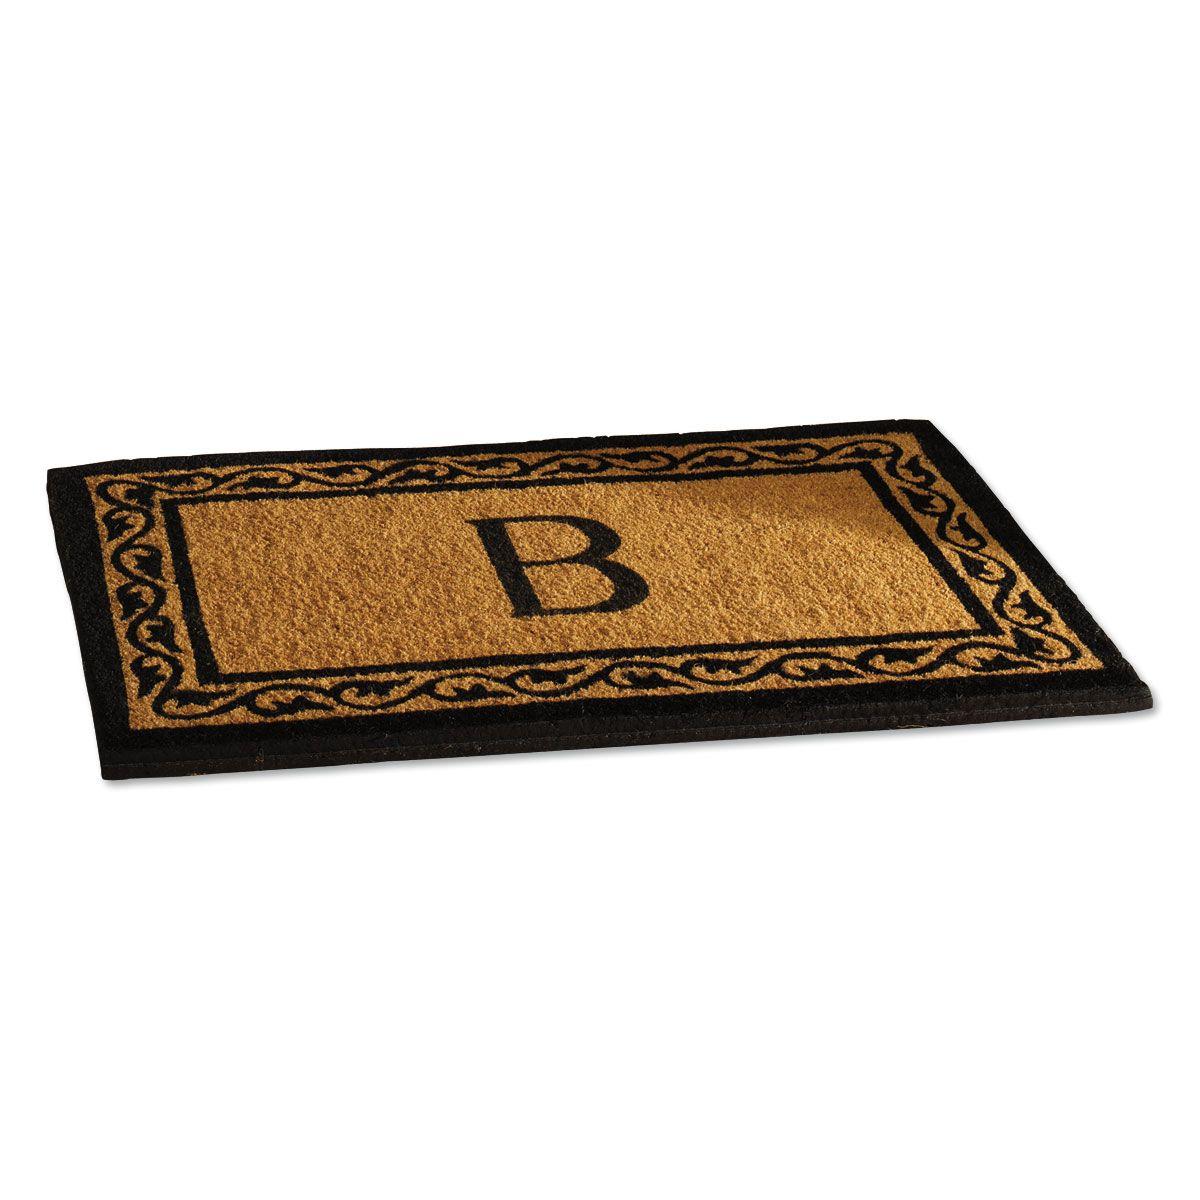 Coco Initial Doormat-2439-800148